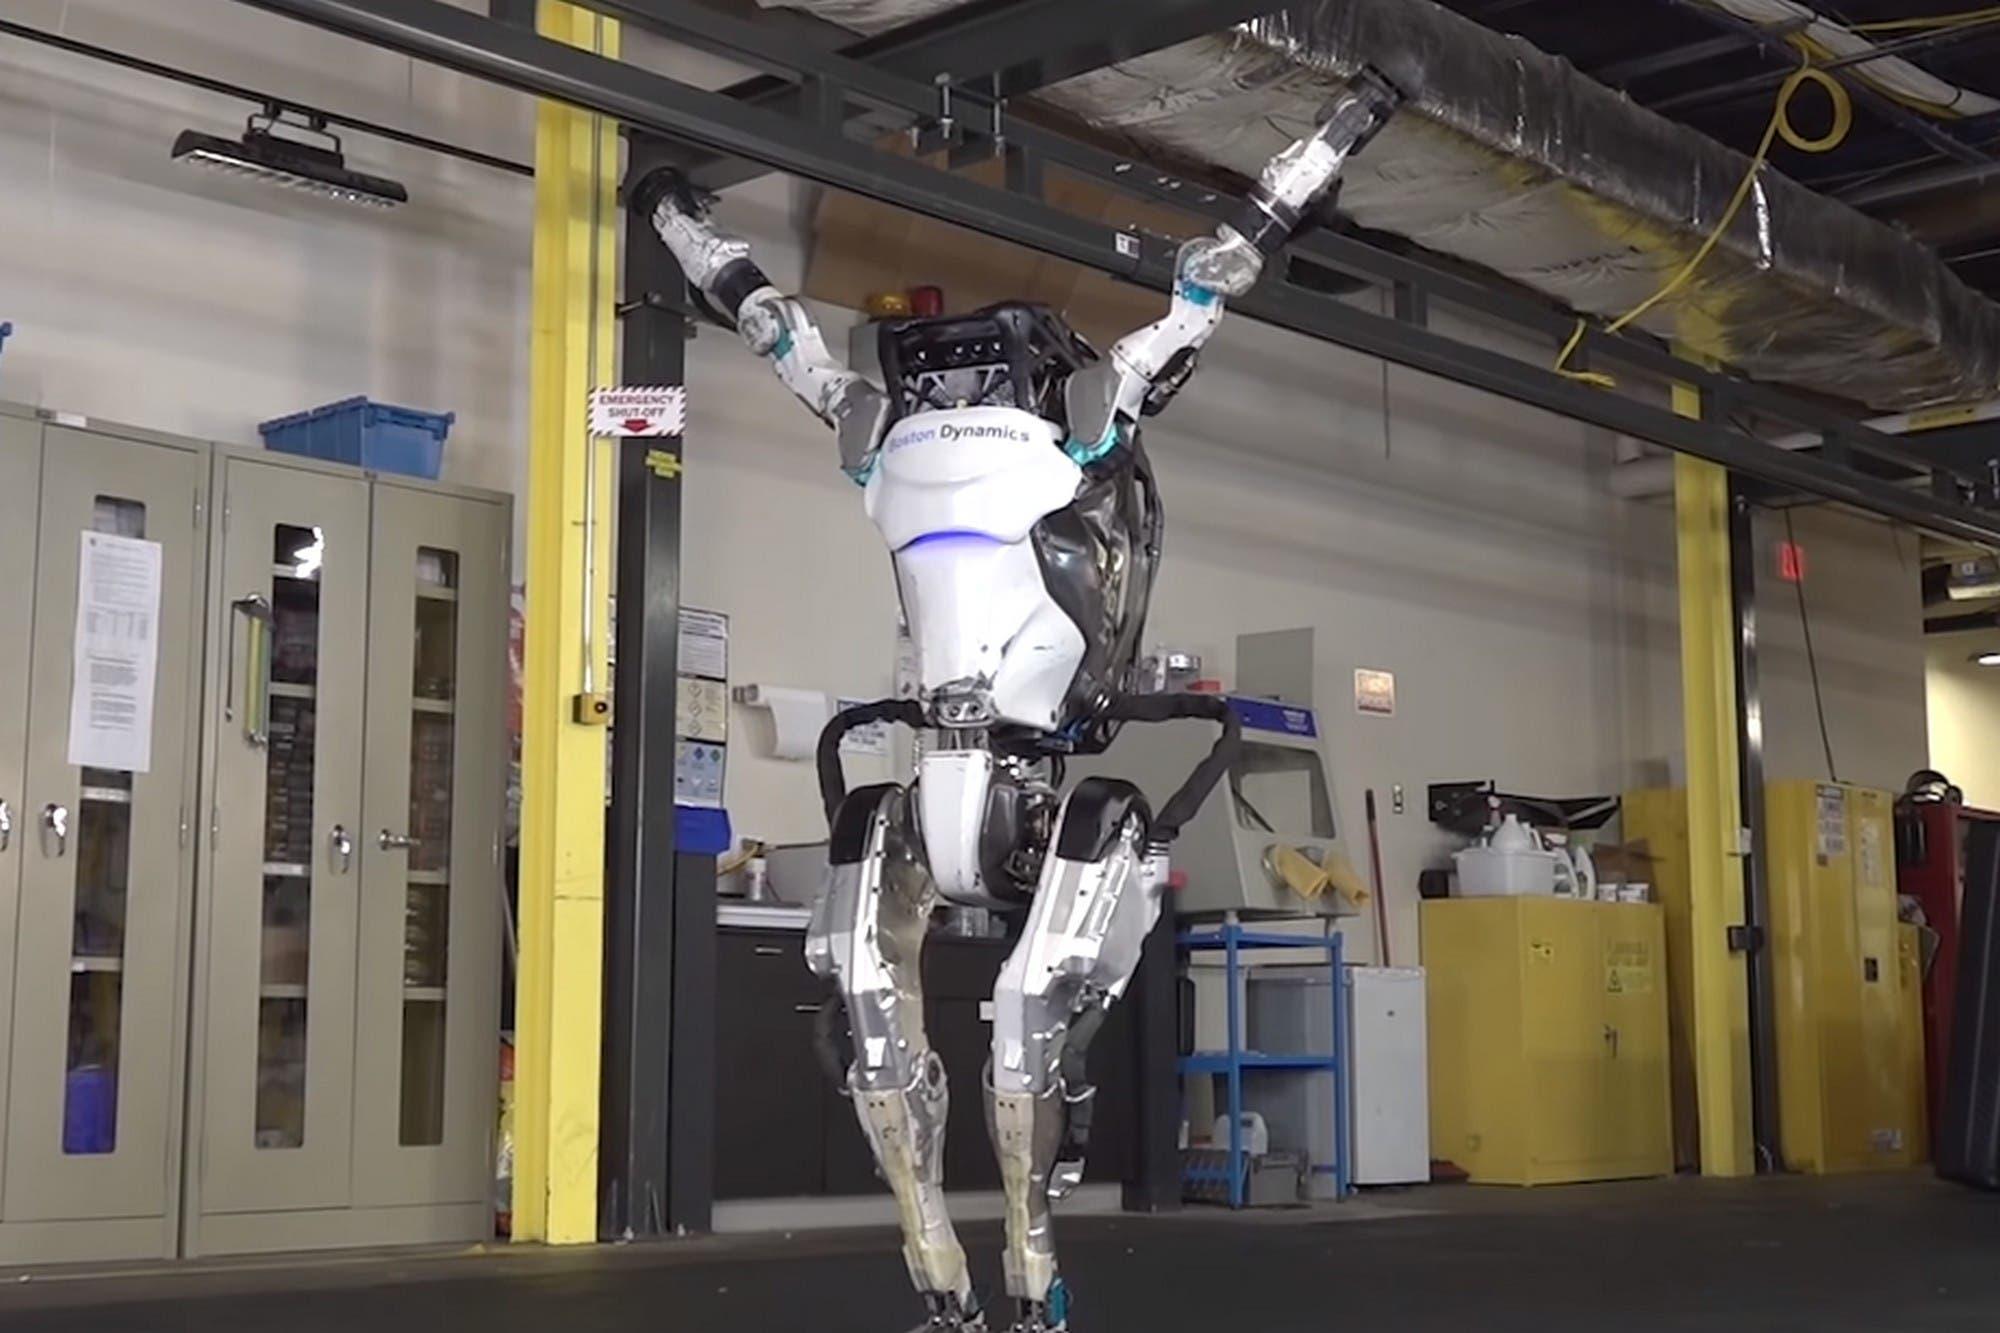 Un robot gimnasta: el humanoide Atlas de Boston Dynamics ahora hace ejercicios